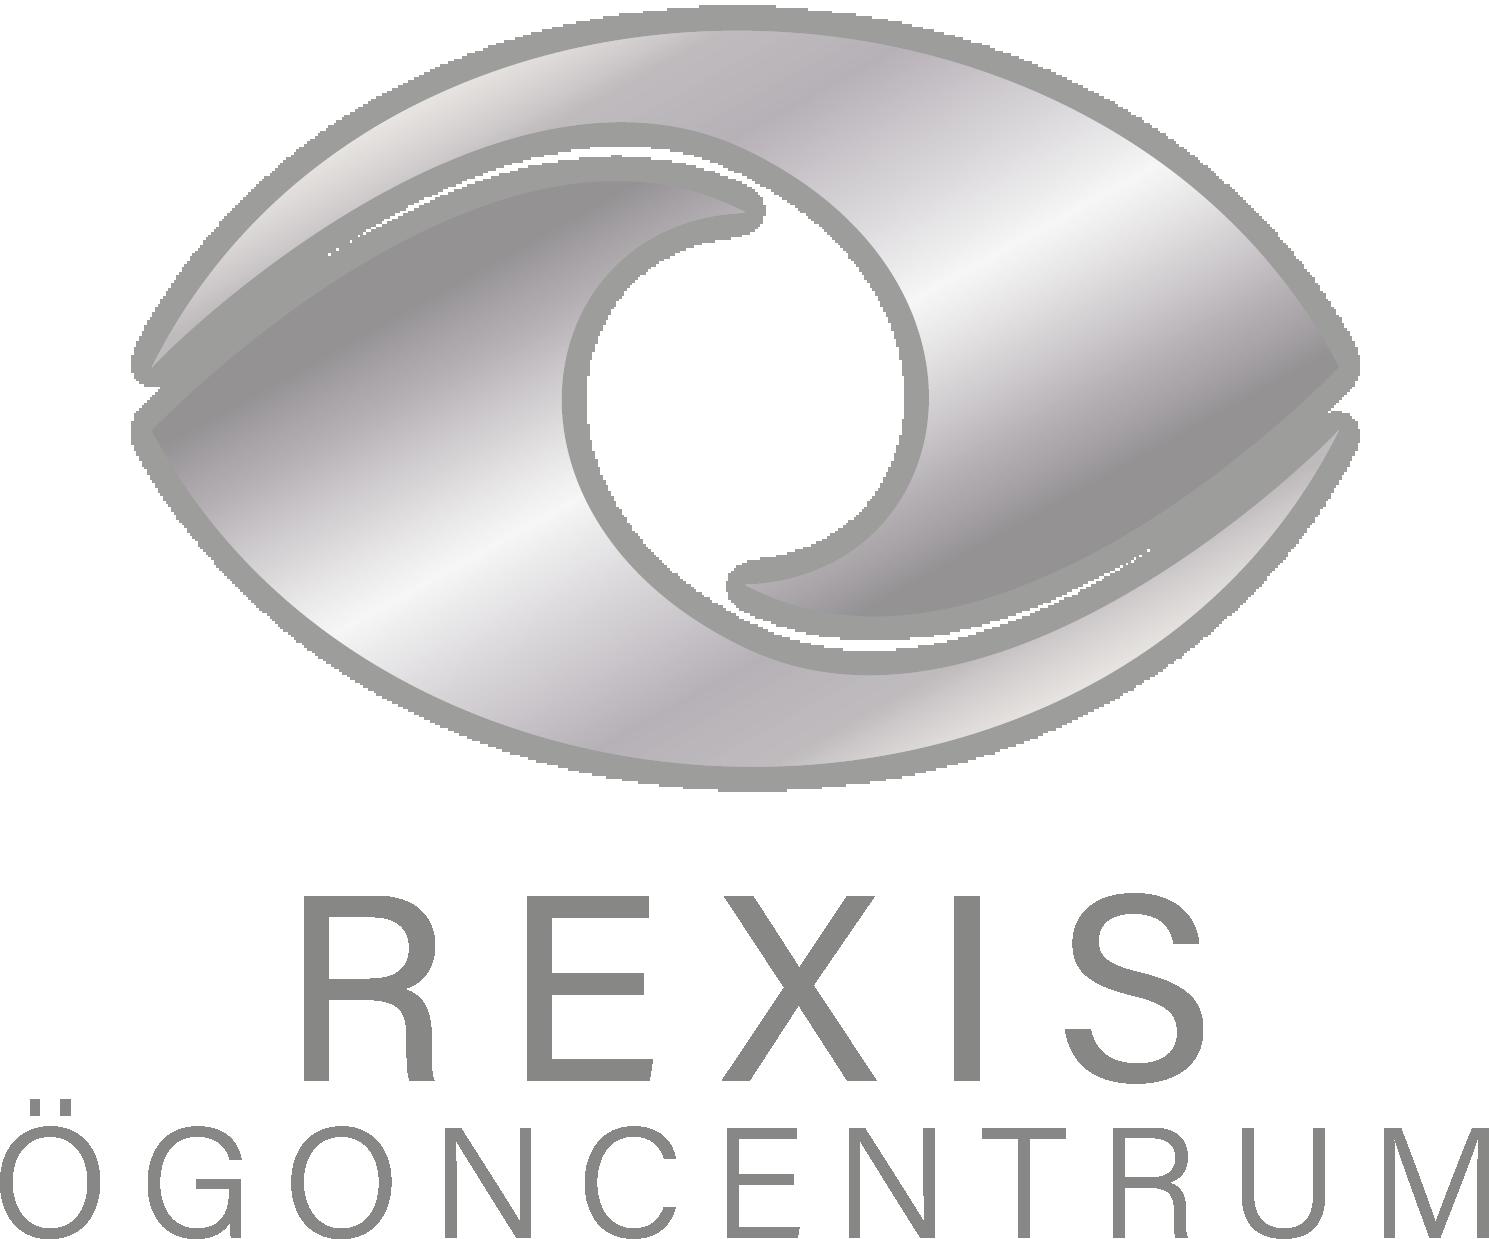 Rexis Ögoncentrum